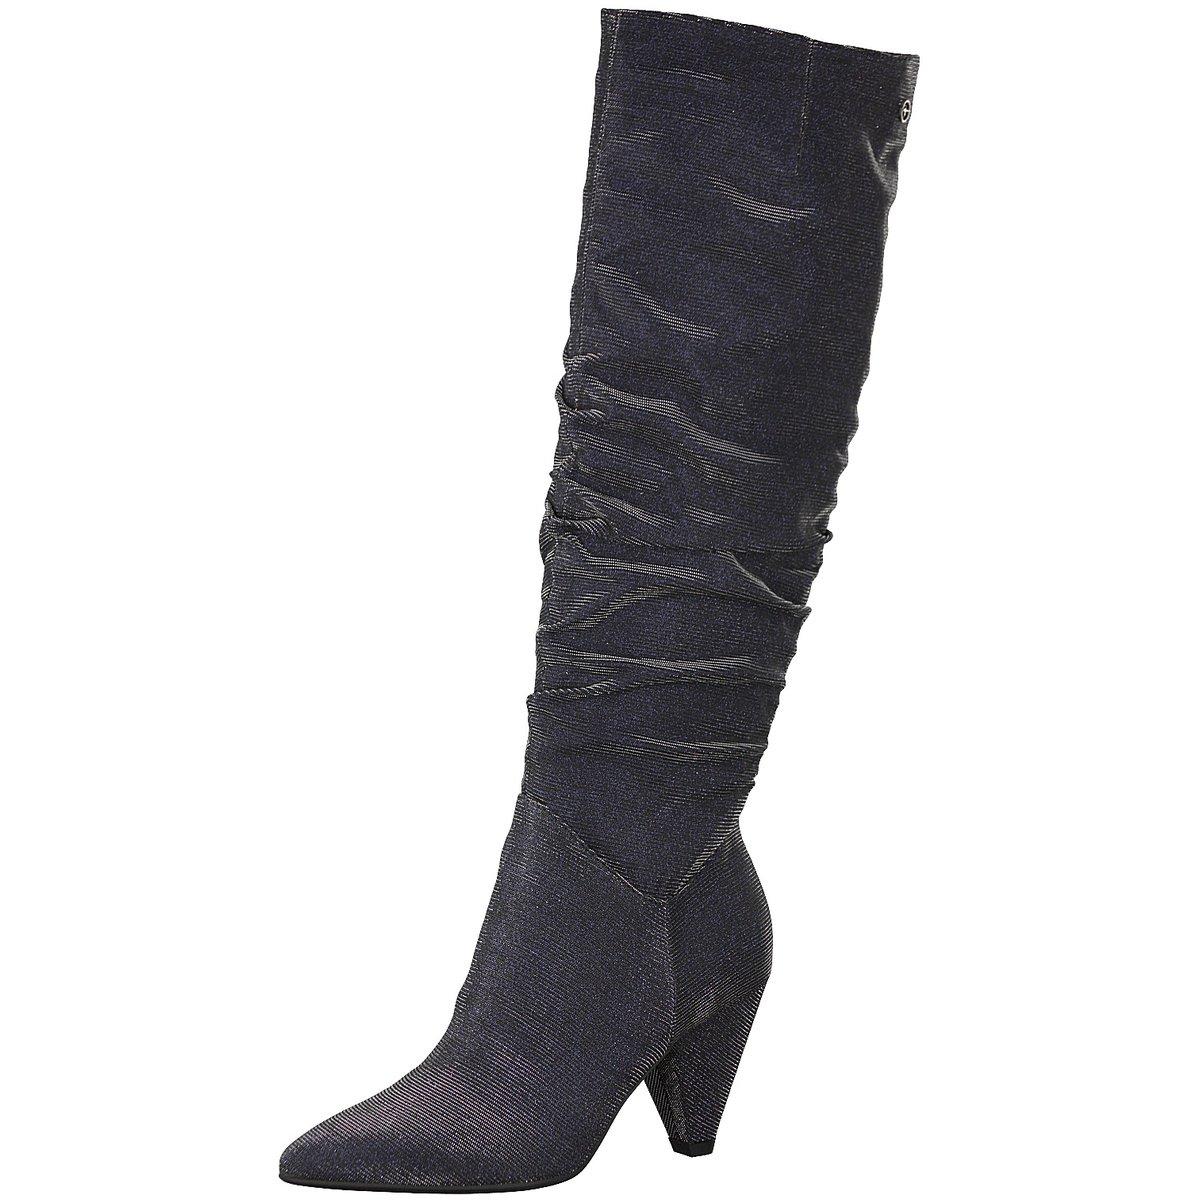 Stiefel 1 1 25512 21: Tamaris Stiefel online kaufen!